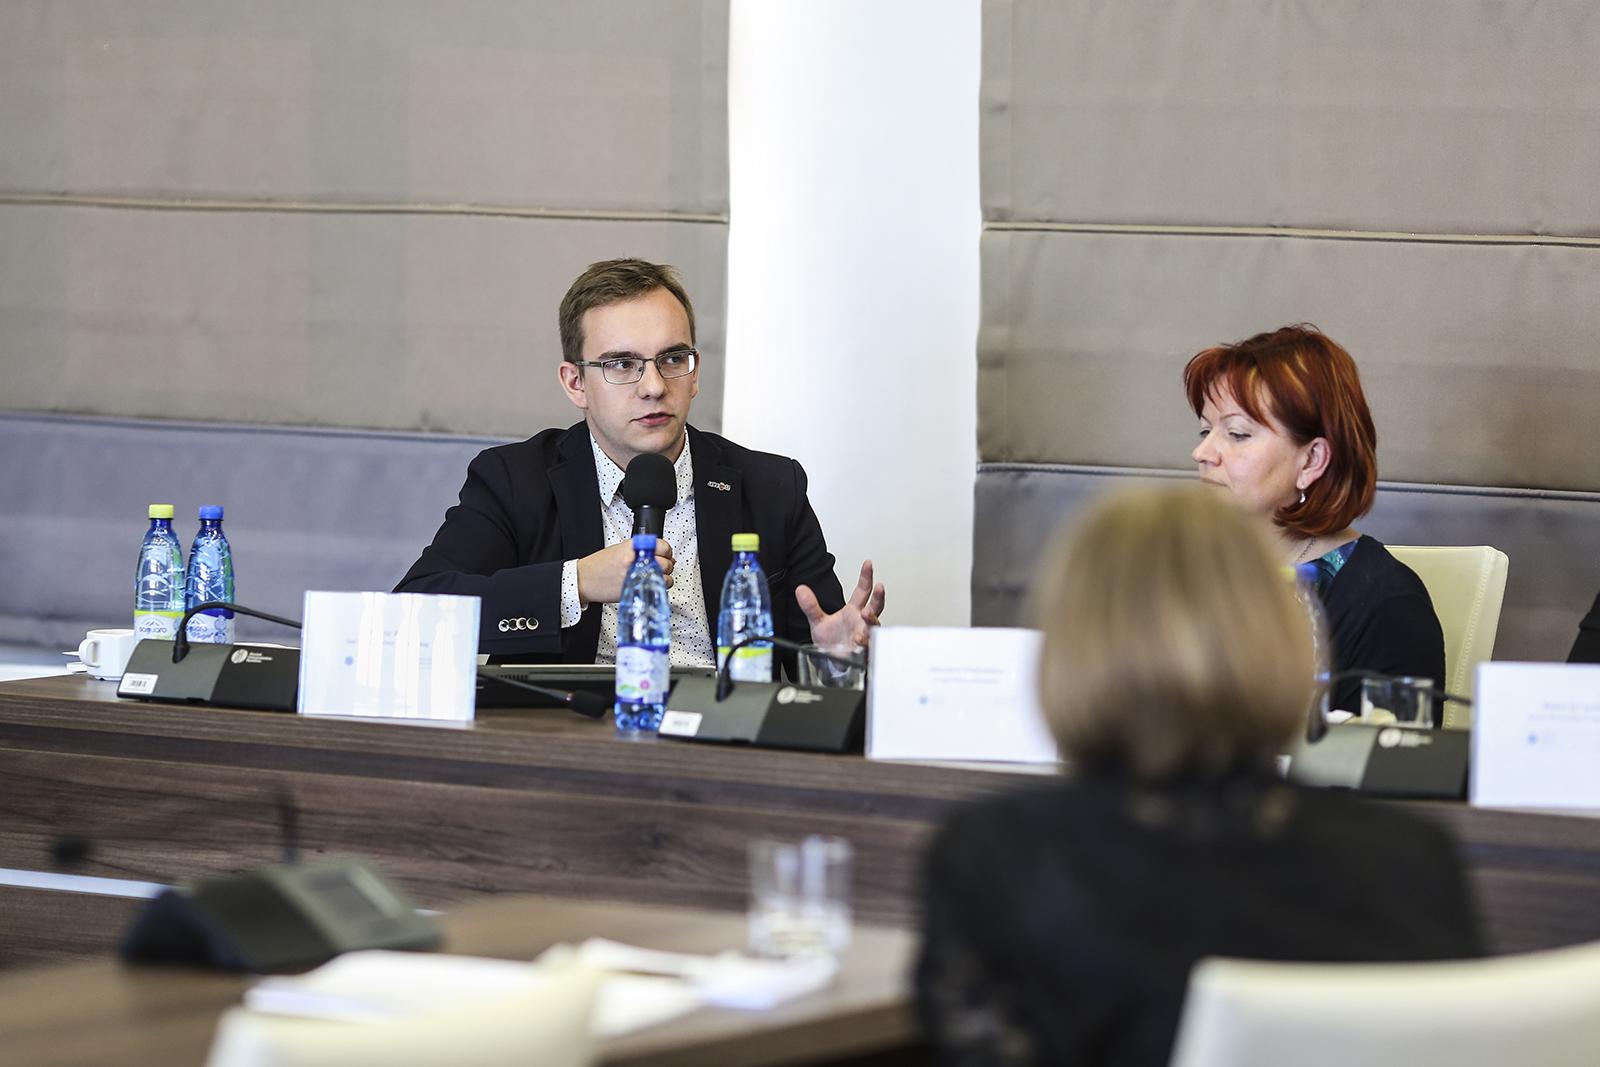 """Bartosz Wilk podczas konferencji """"Monitoring praw uczniowskich w szkołach obszaru nadwiślańskiego""""."""